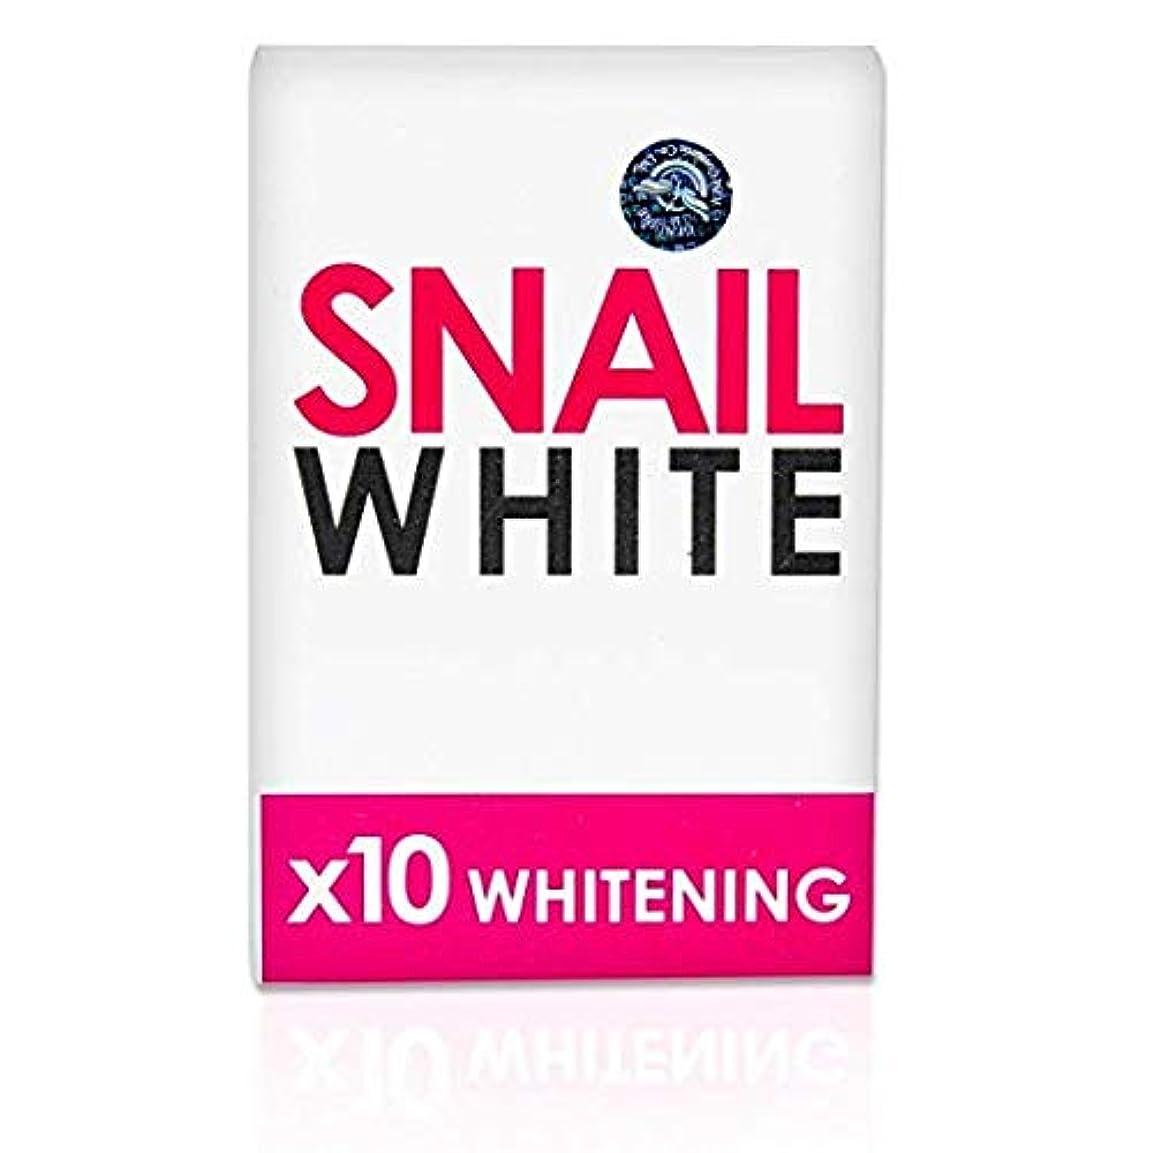 自己厳しい所有権スネイルホワイト Gluta Snail White x10 Whitening by Dream ホワイトニング 固形石鹸 2個